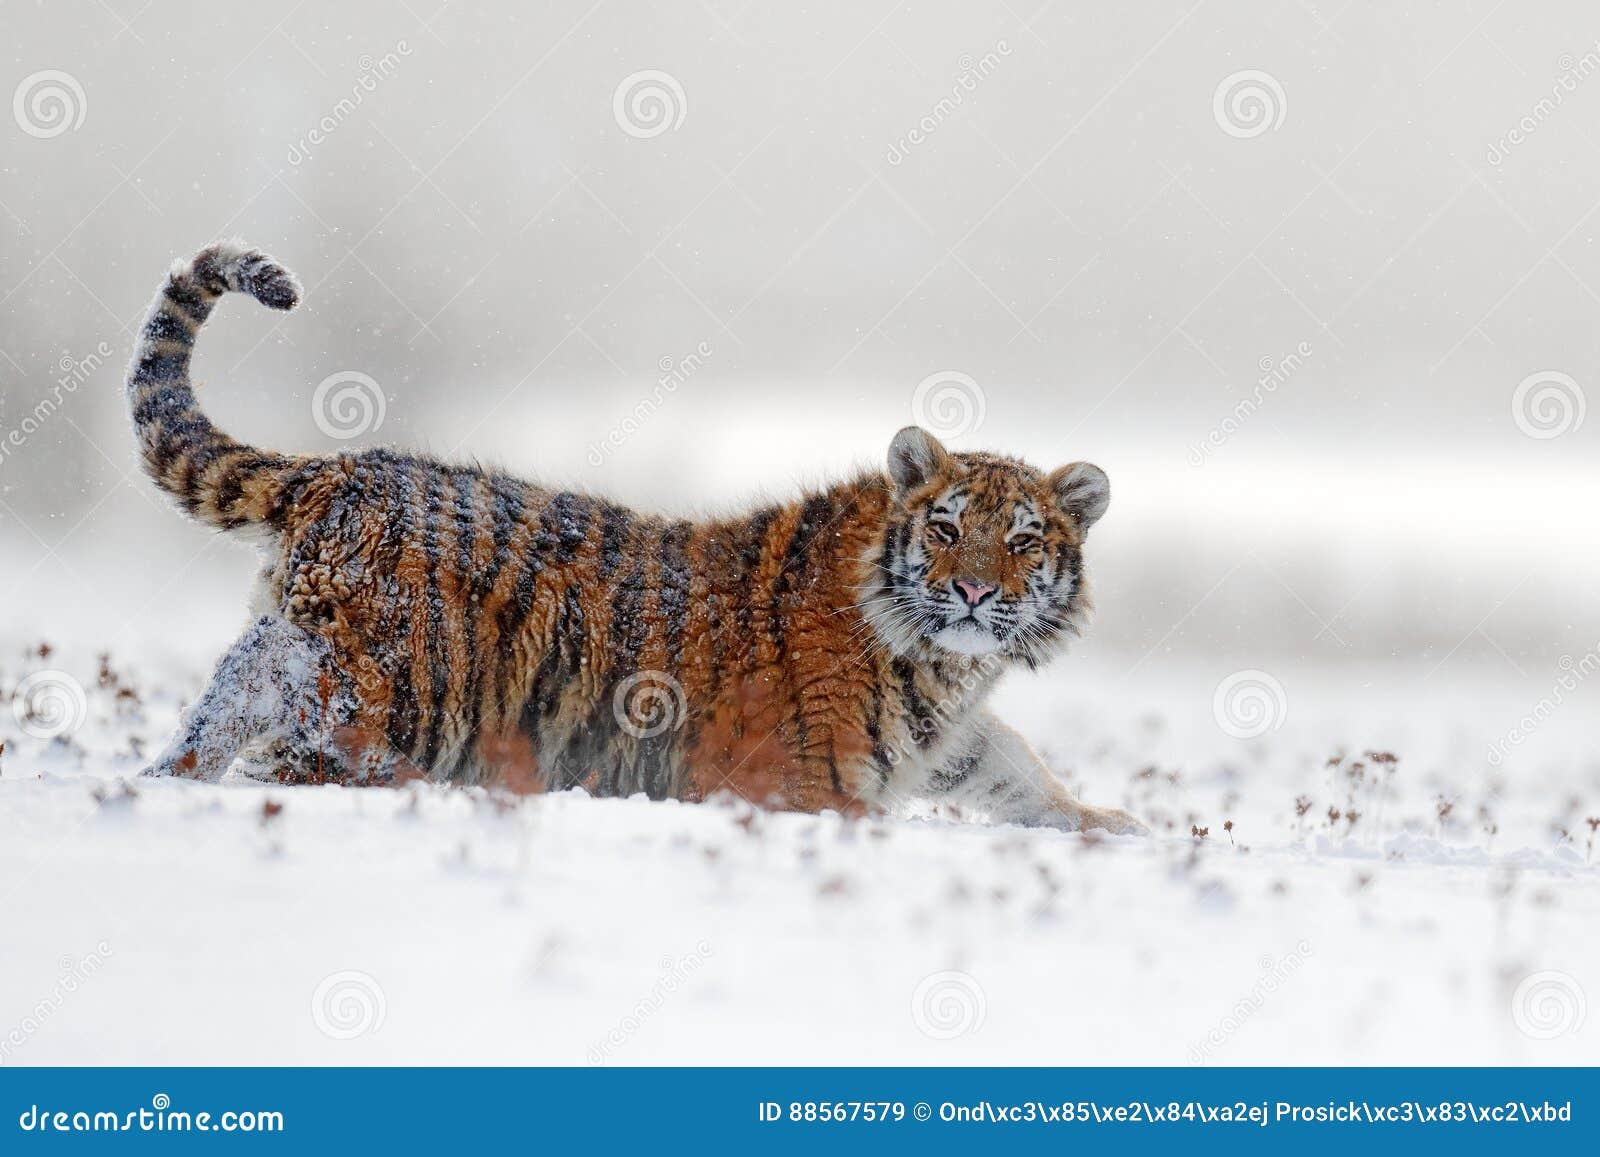 Ziet de gezicht vaste tijger eruit Siberische tijger in sneeuwdaling Amurtijger die in de sneeuw lopen De winterscène van het act